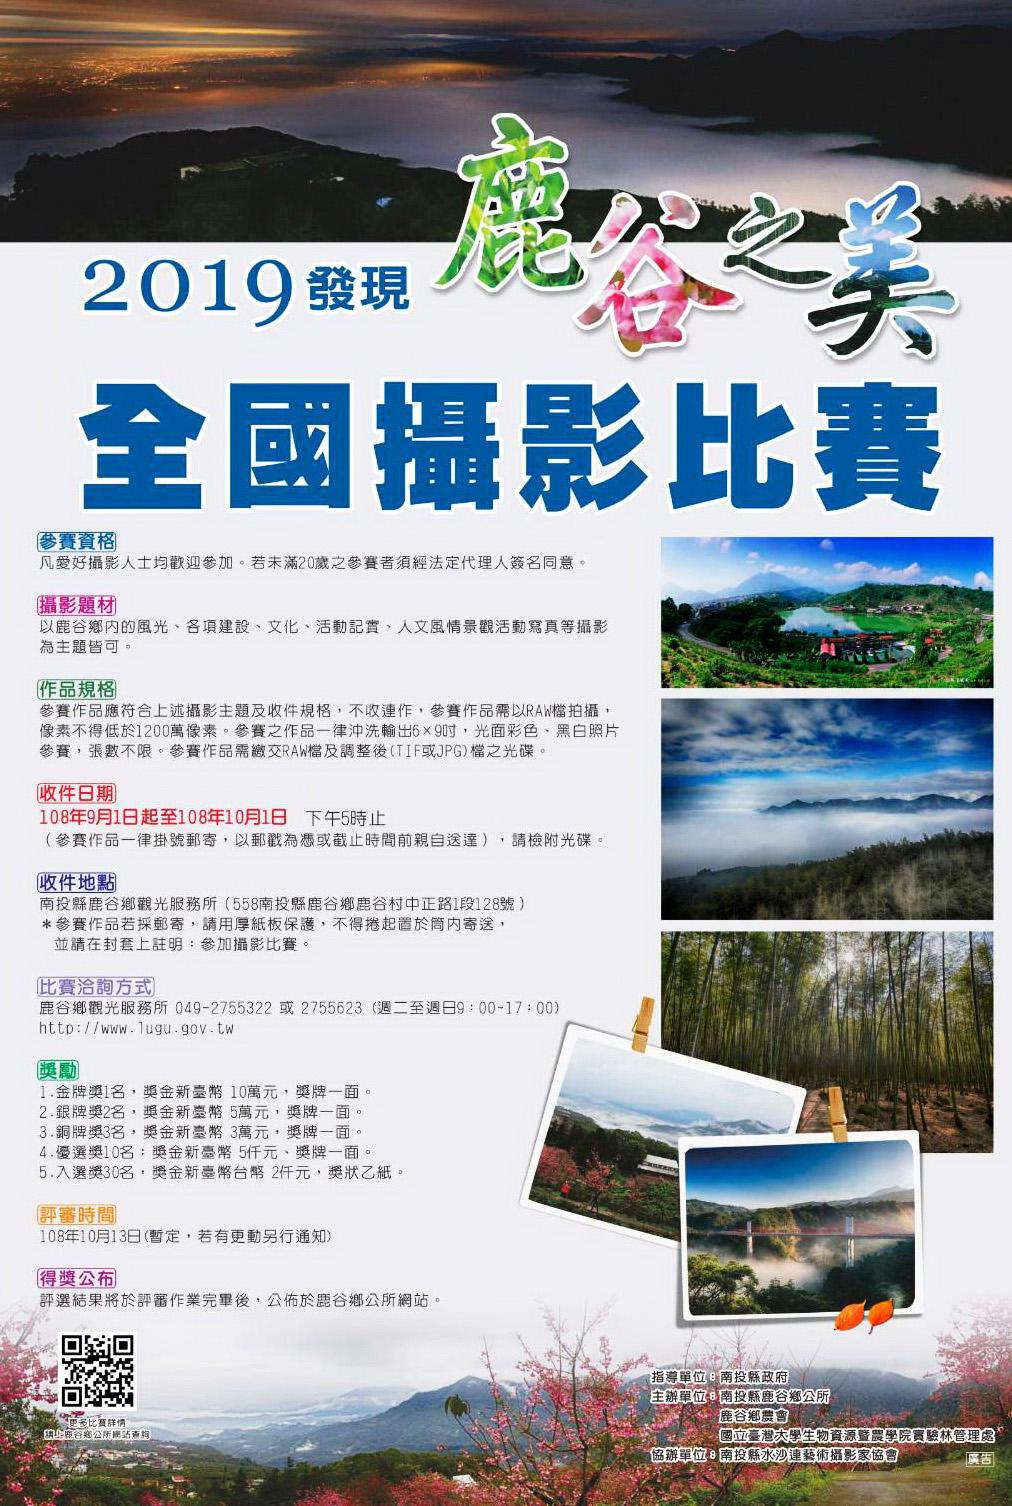 2019「發現鹿谷之美」全國攝影比賽